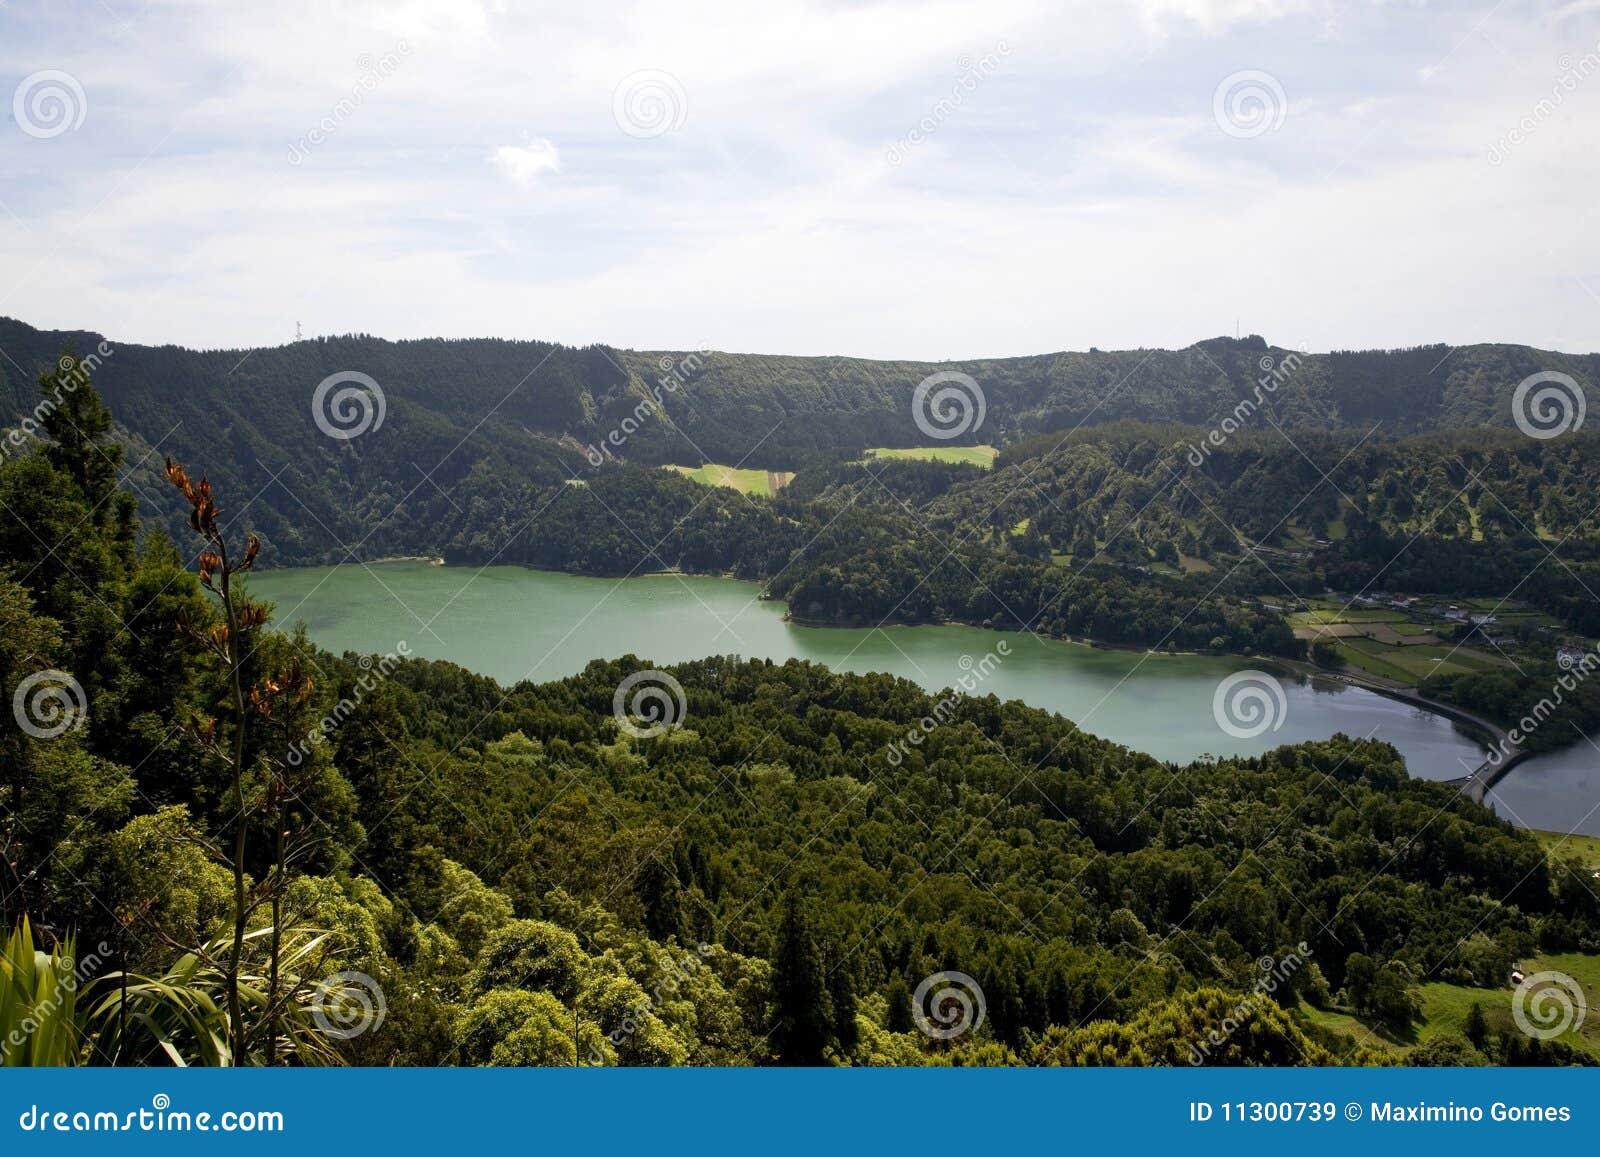 Azoren-Insel - Portugal